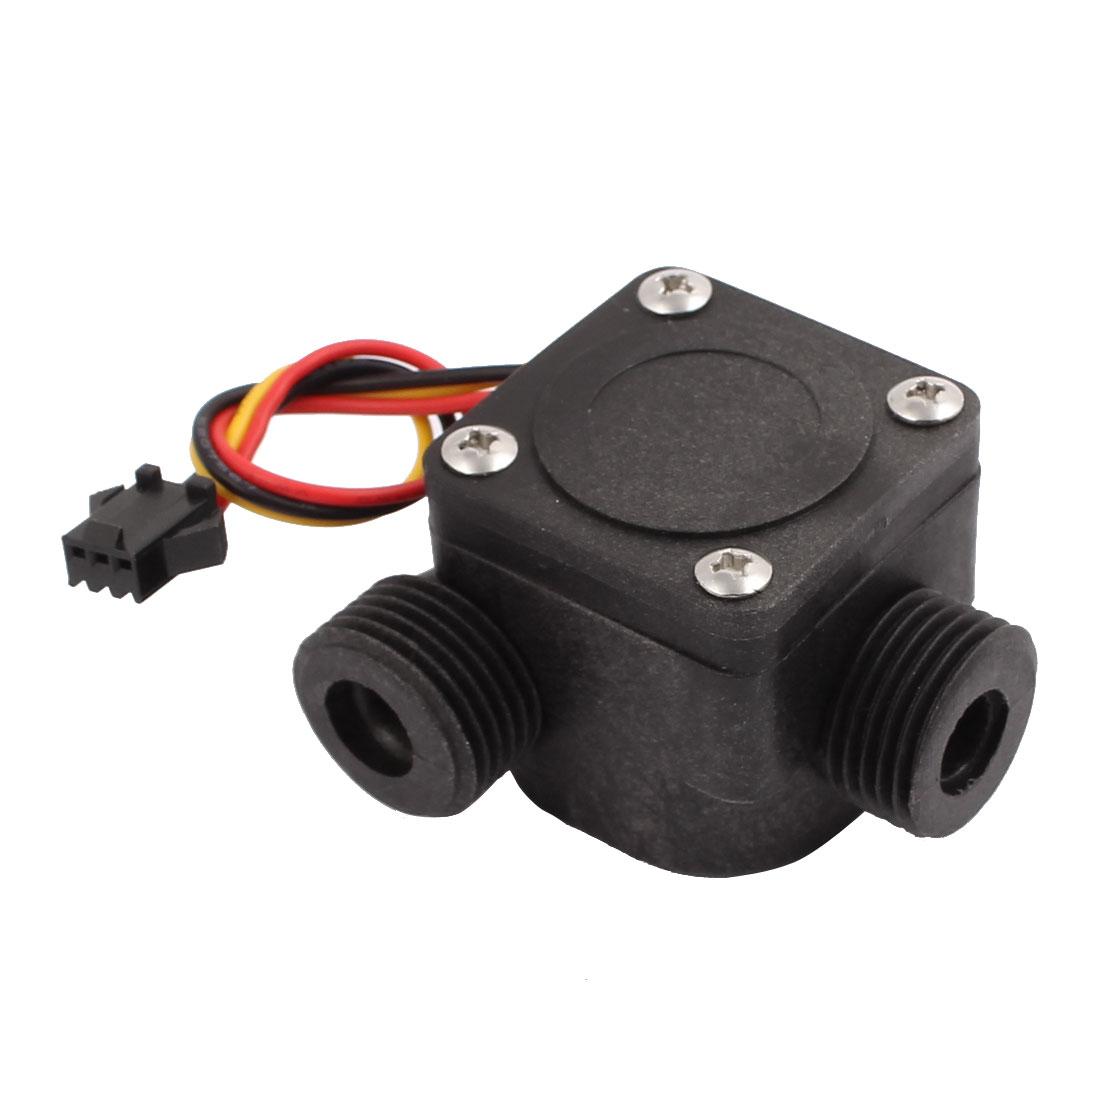 SEN-HW21WA G1/2 Male Thread Plastic Hall Water Flow Sensor 1-25L/min 55mm Right Angle